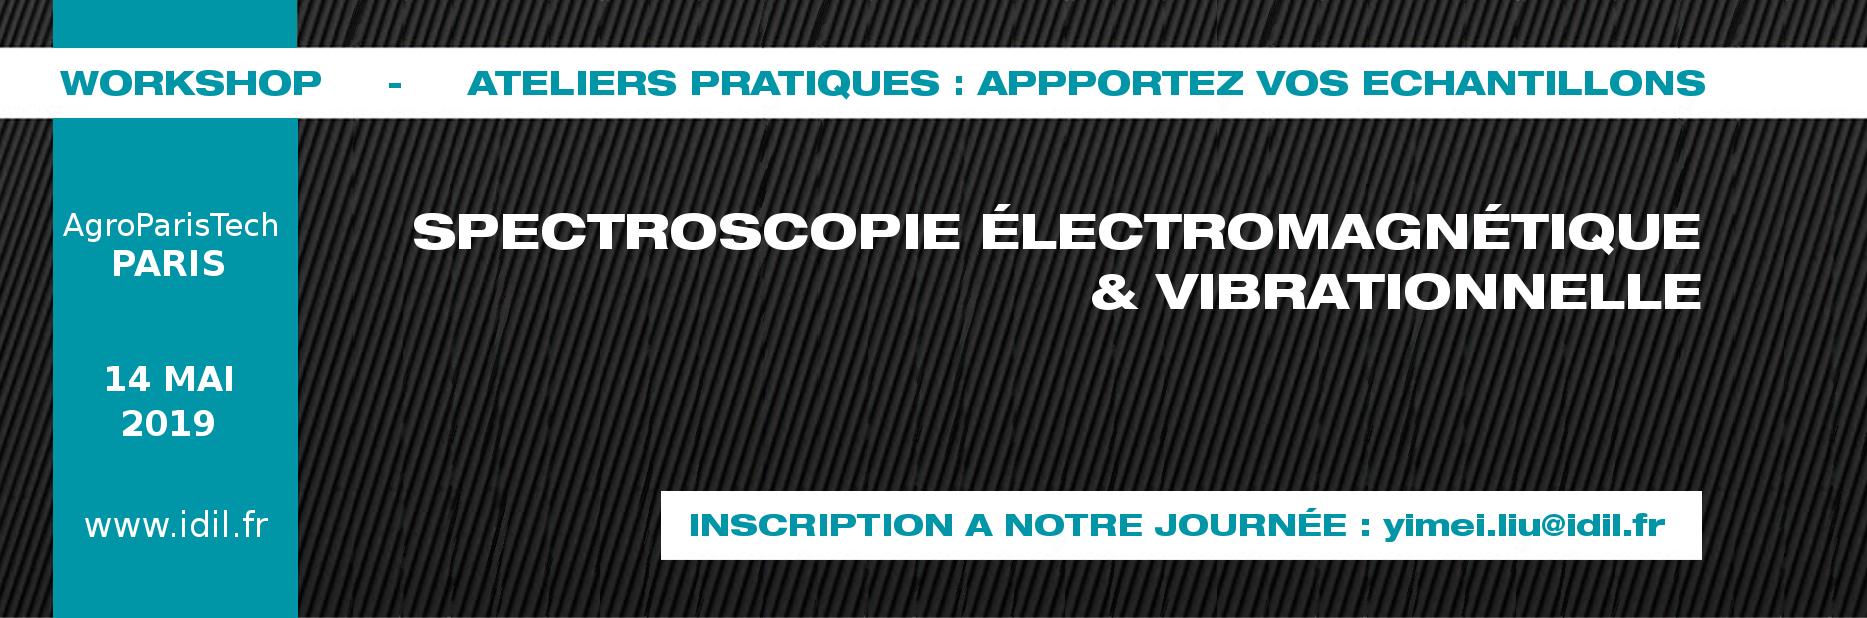 GreenTropism, speaker lors de la journée technique d'IDIL Fibres Optiques le 14 mai 2019